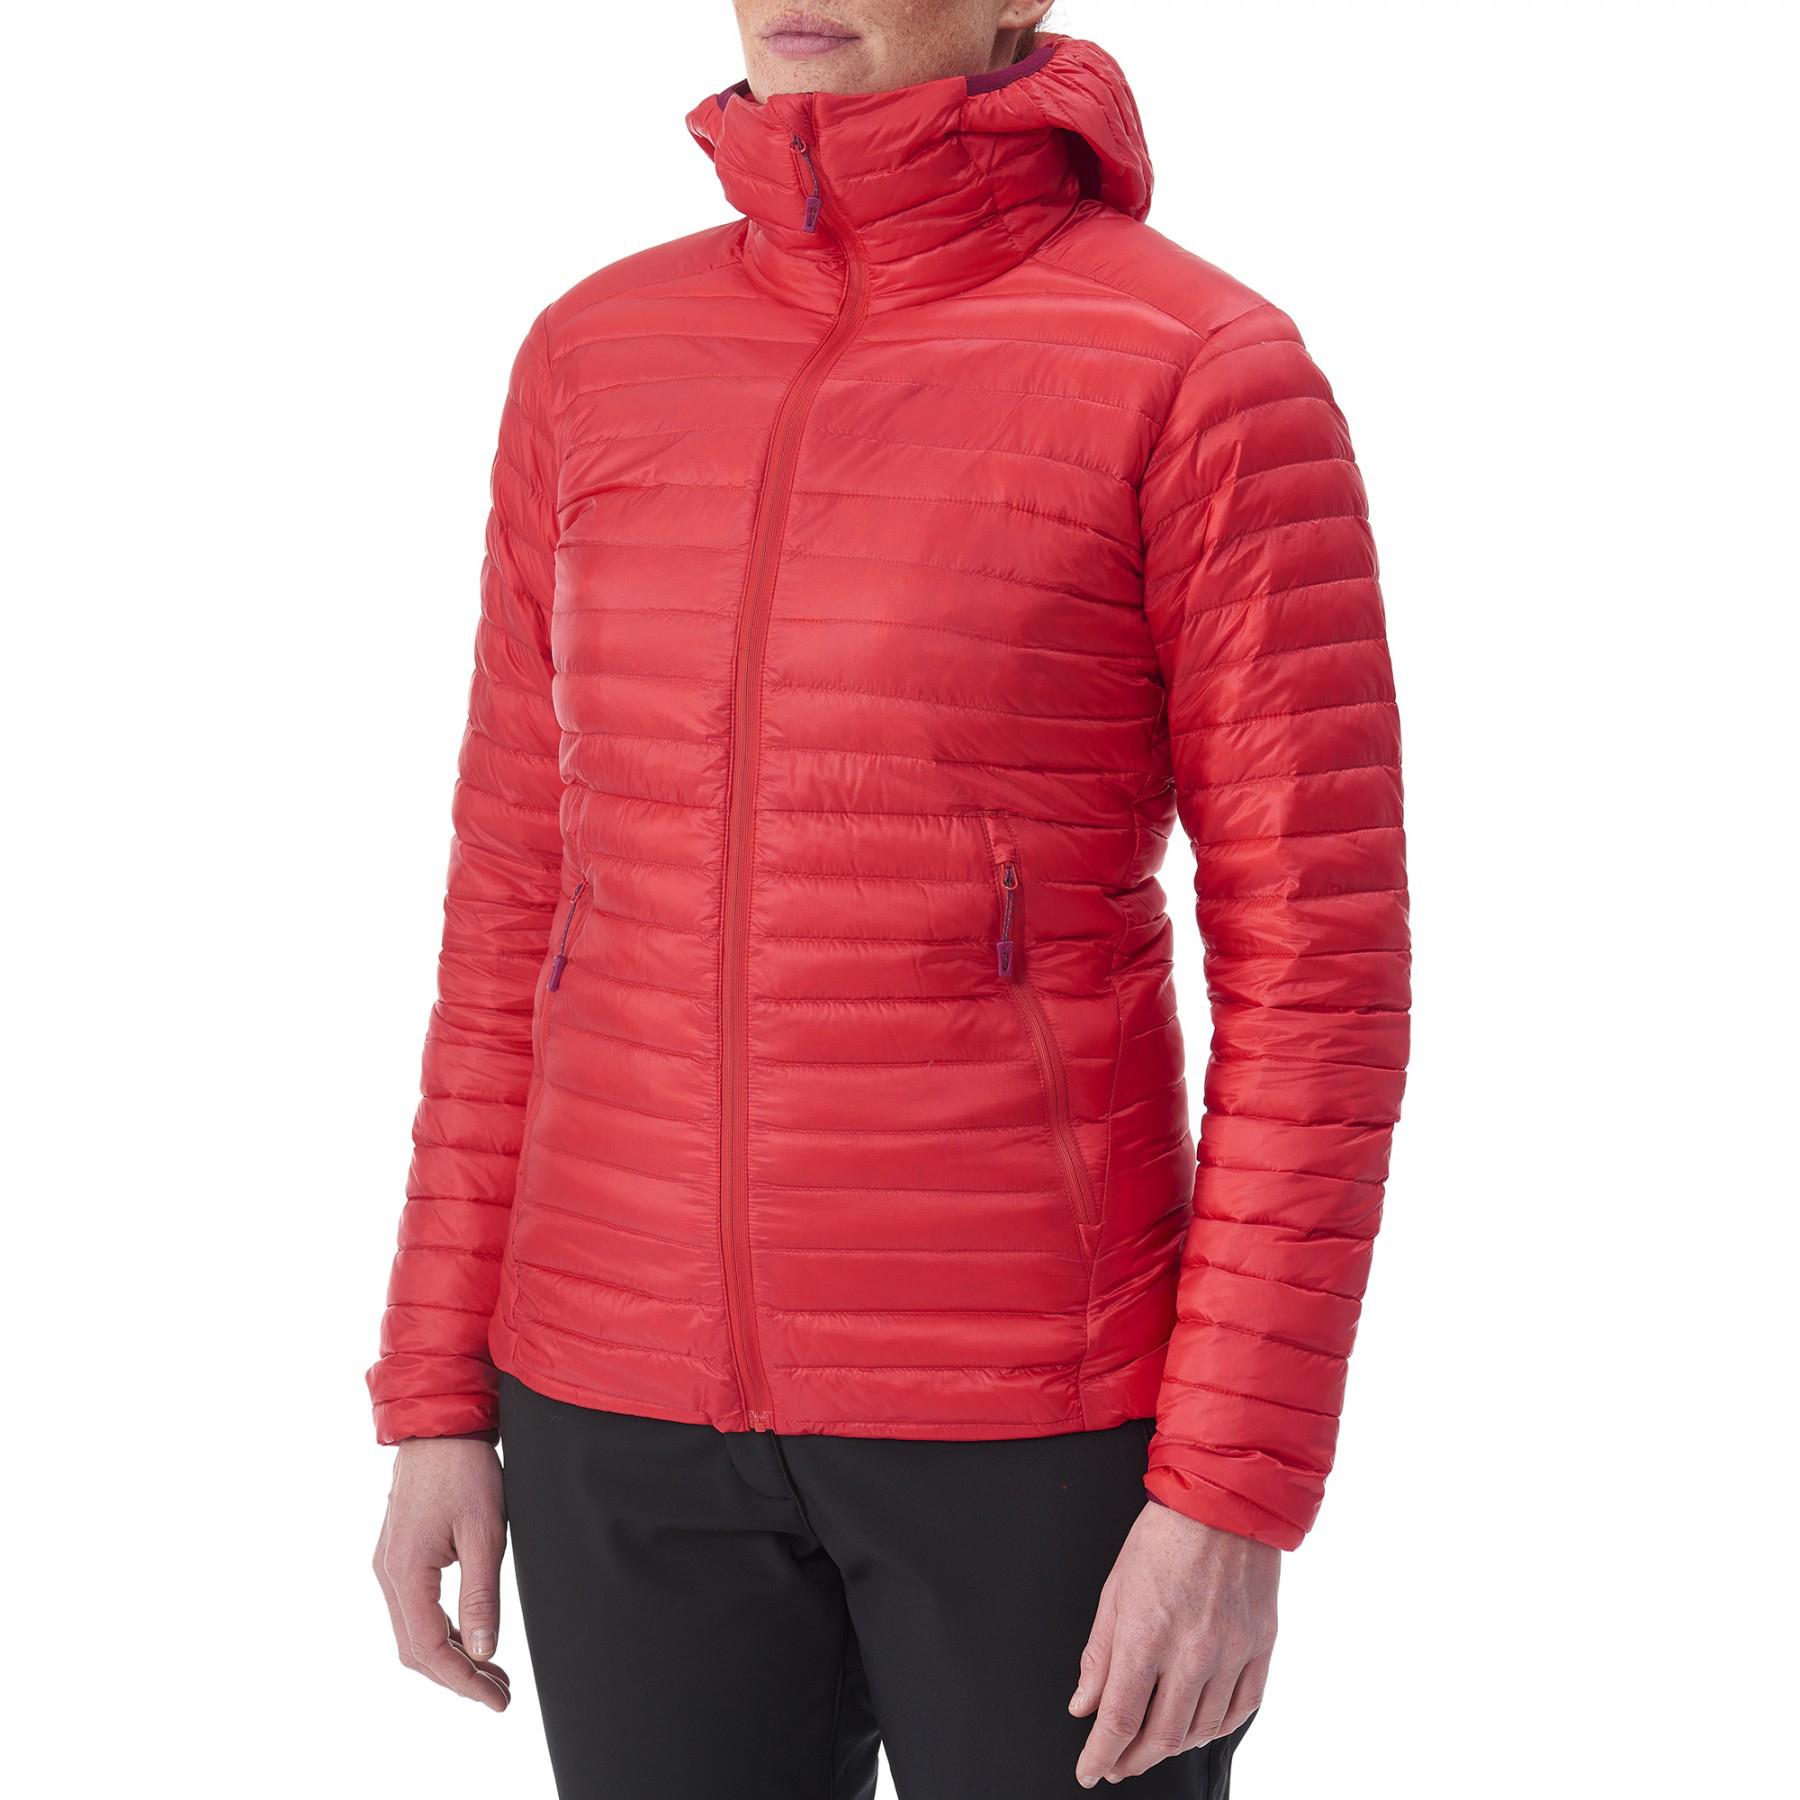 heel lift k down hoodie lightweight jacket